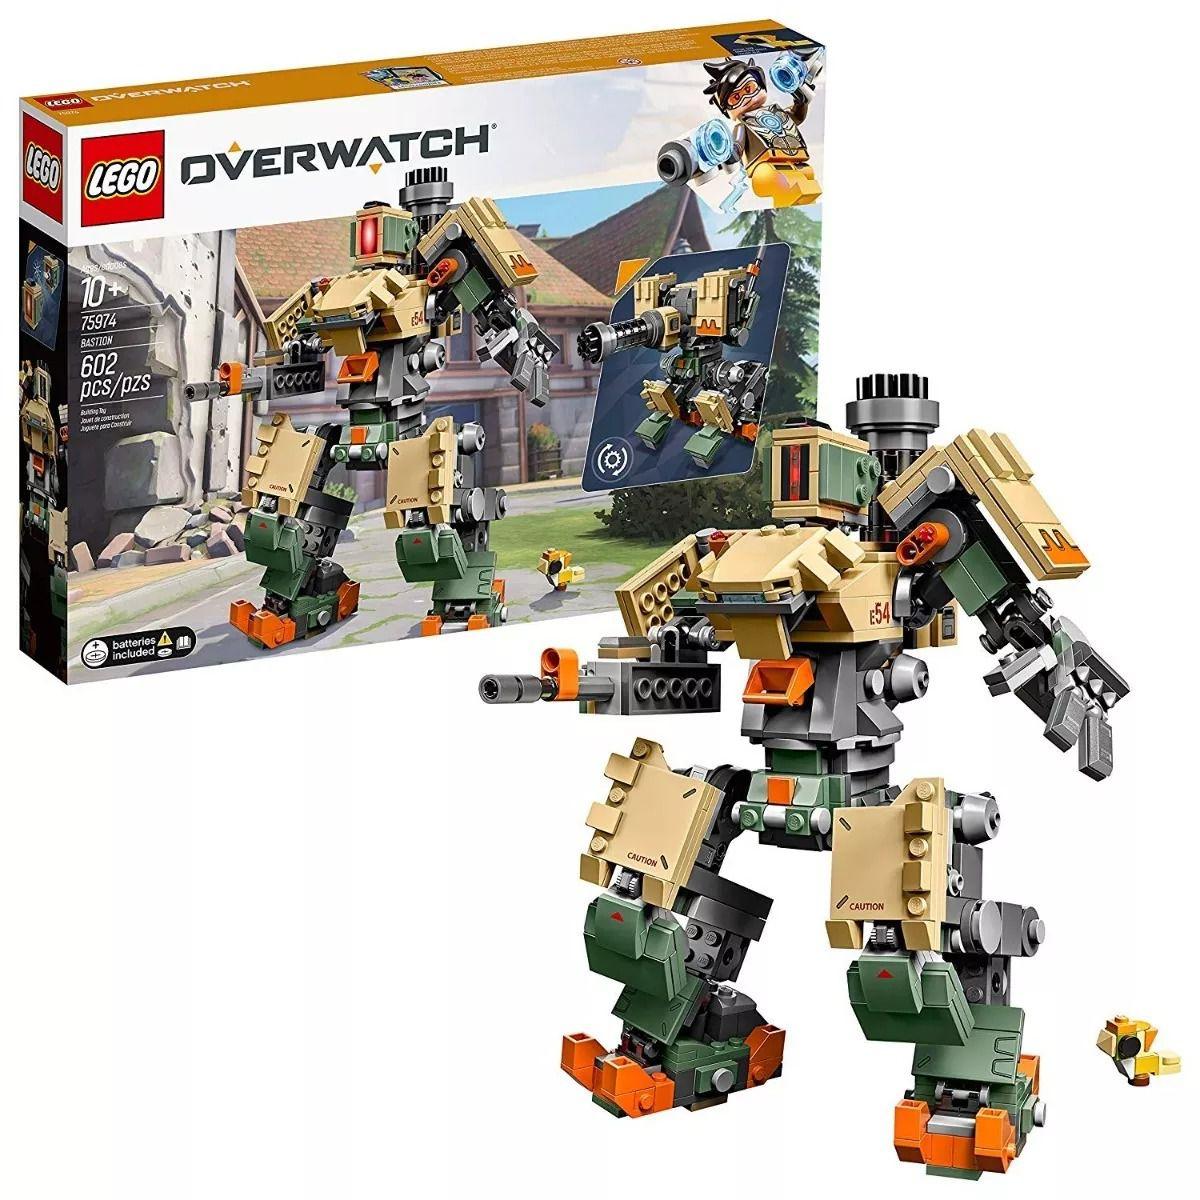 Lego 75974 Overwatch - Bastion – 602 peças